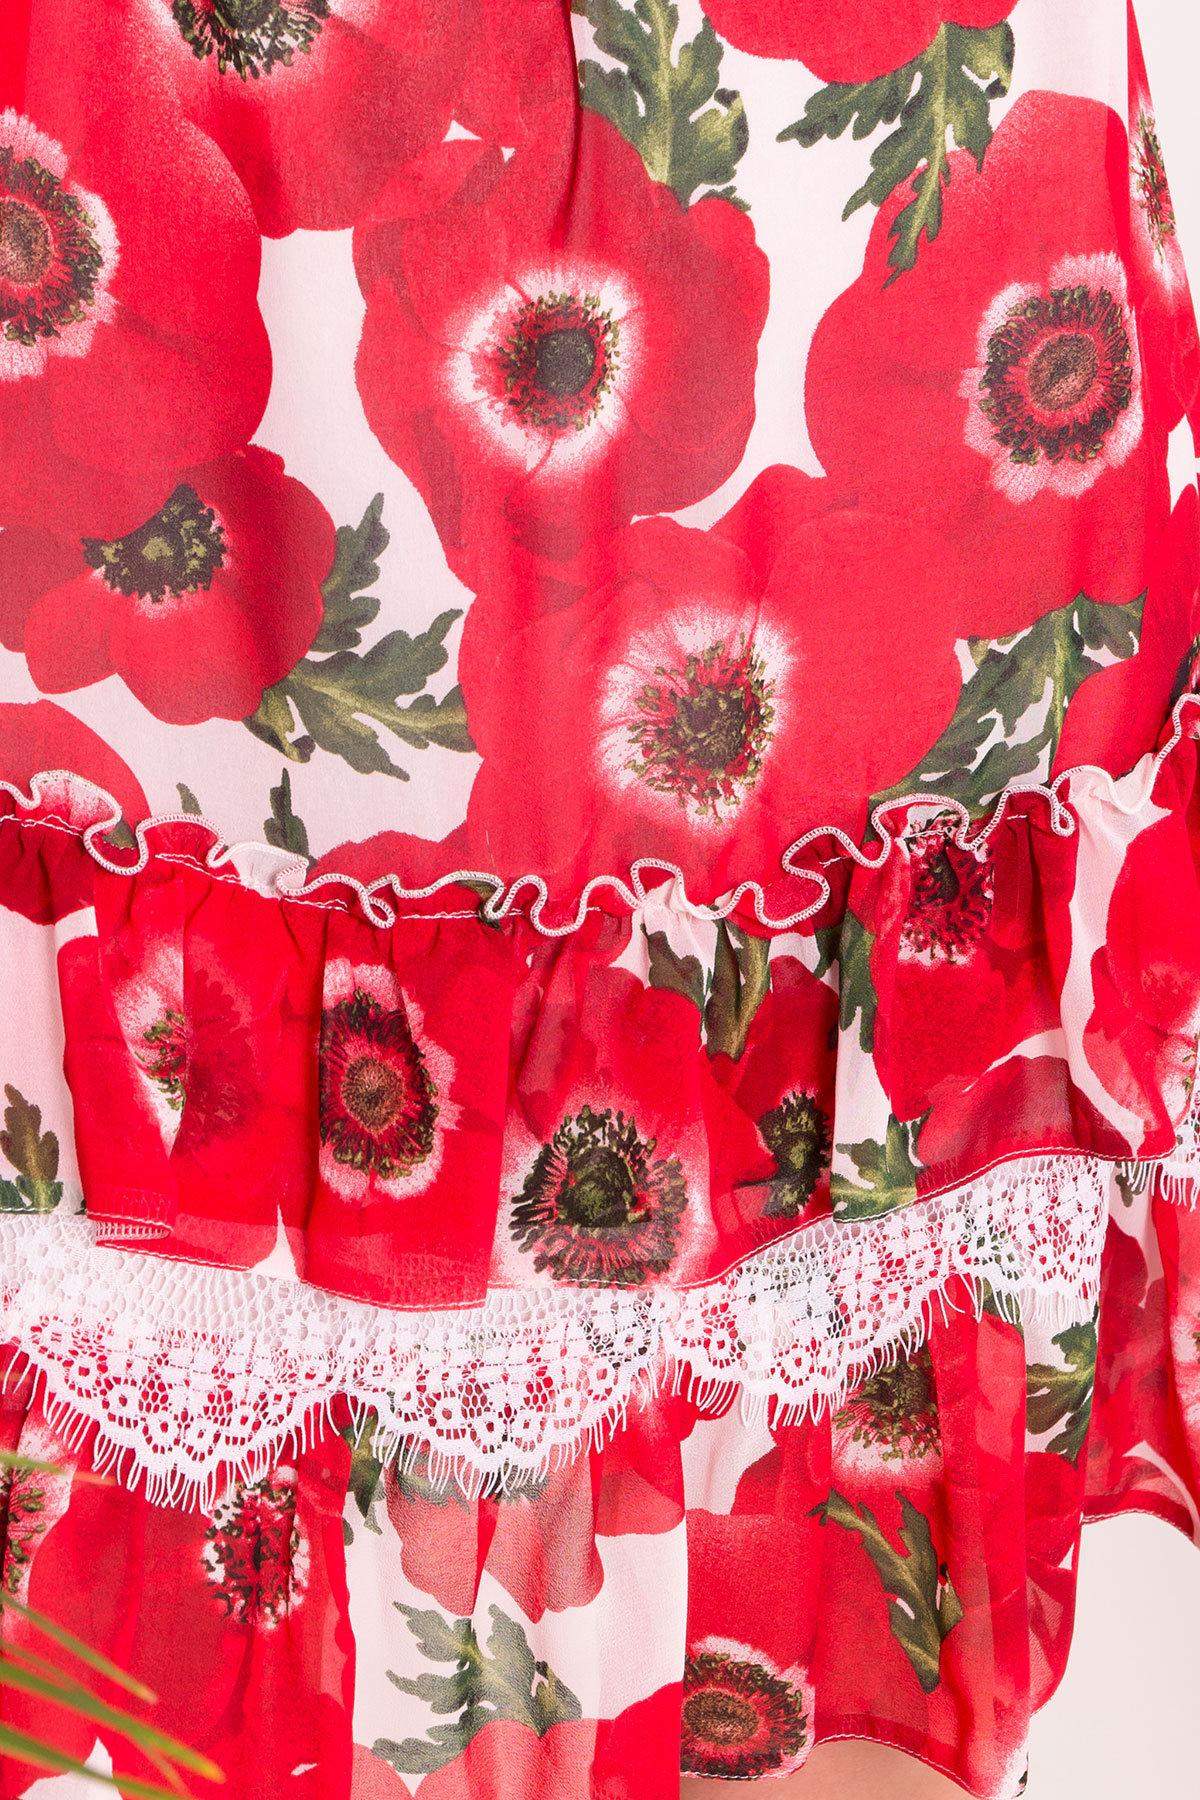 Платье Нектар 6916 АРТ. 43268 Цвет: Маки молоко - фото 4, интернет магазин tm-modus.ru